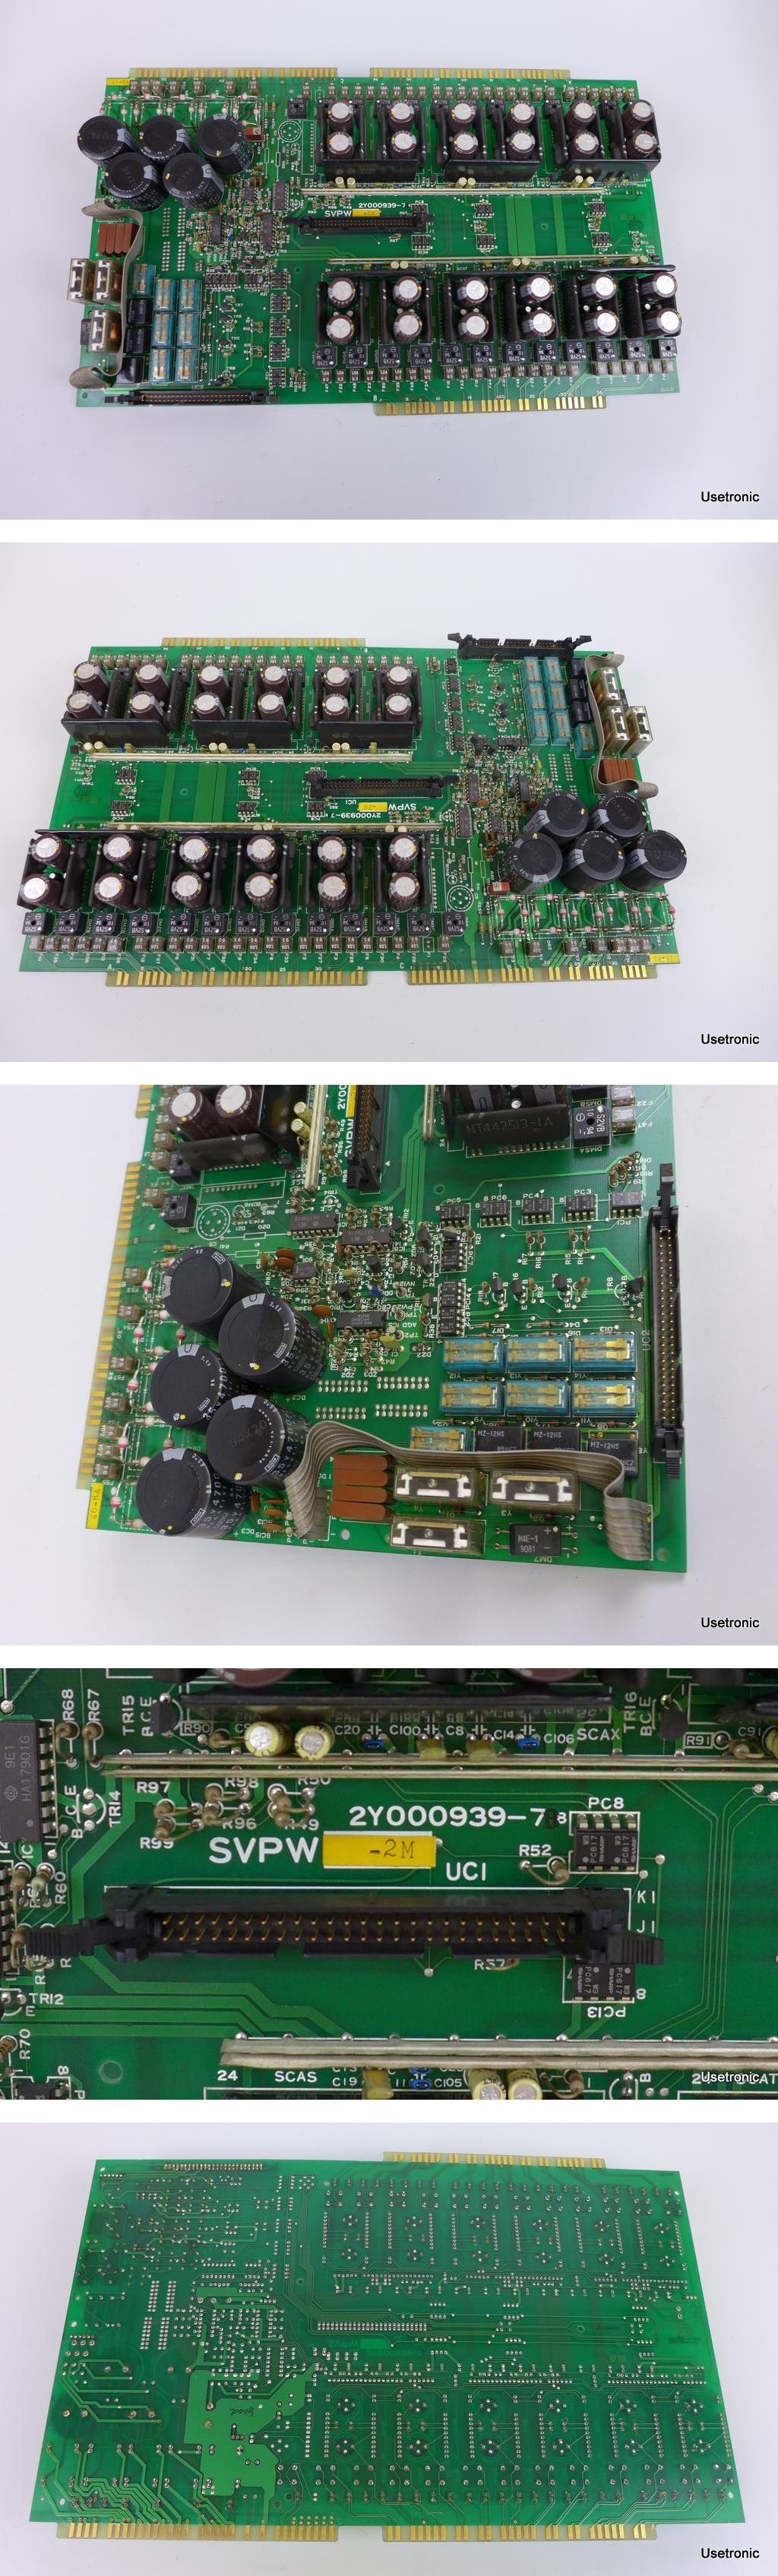 Hitachi SVPW-2M 2Y000939-7